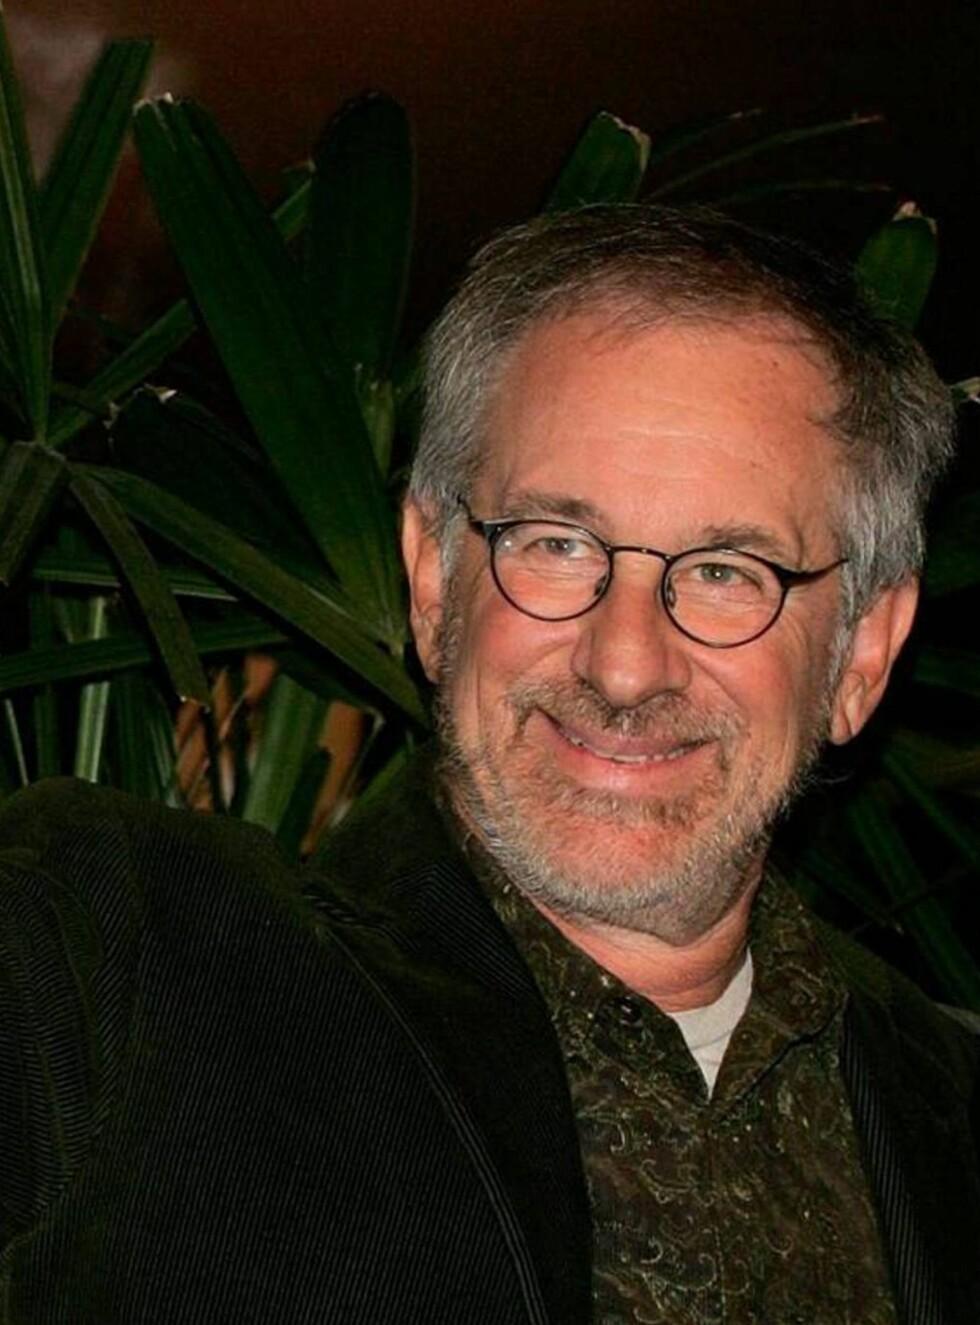 NÆRKONTAKT AV TREDJE GRAD: Med Spielberg på laget, satser de kinesiske arrangørene på å lage det mest spektakulære åpningsshowet noensinne... Foto: All Over Press